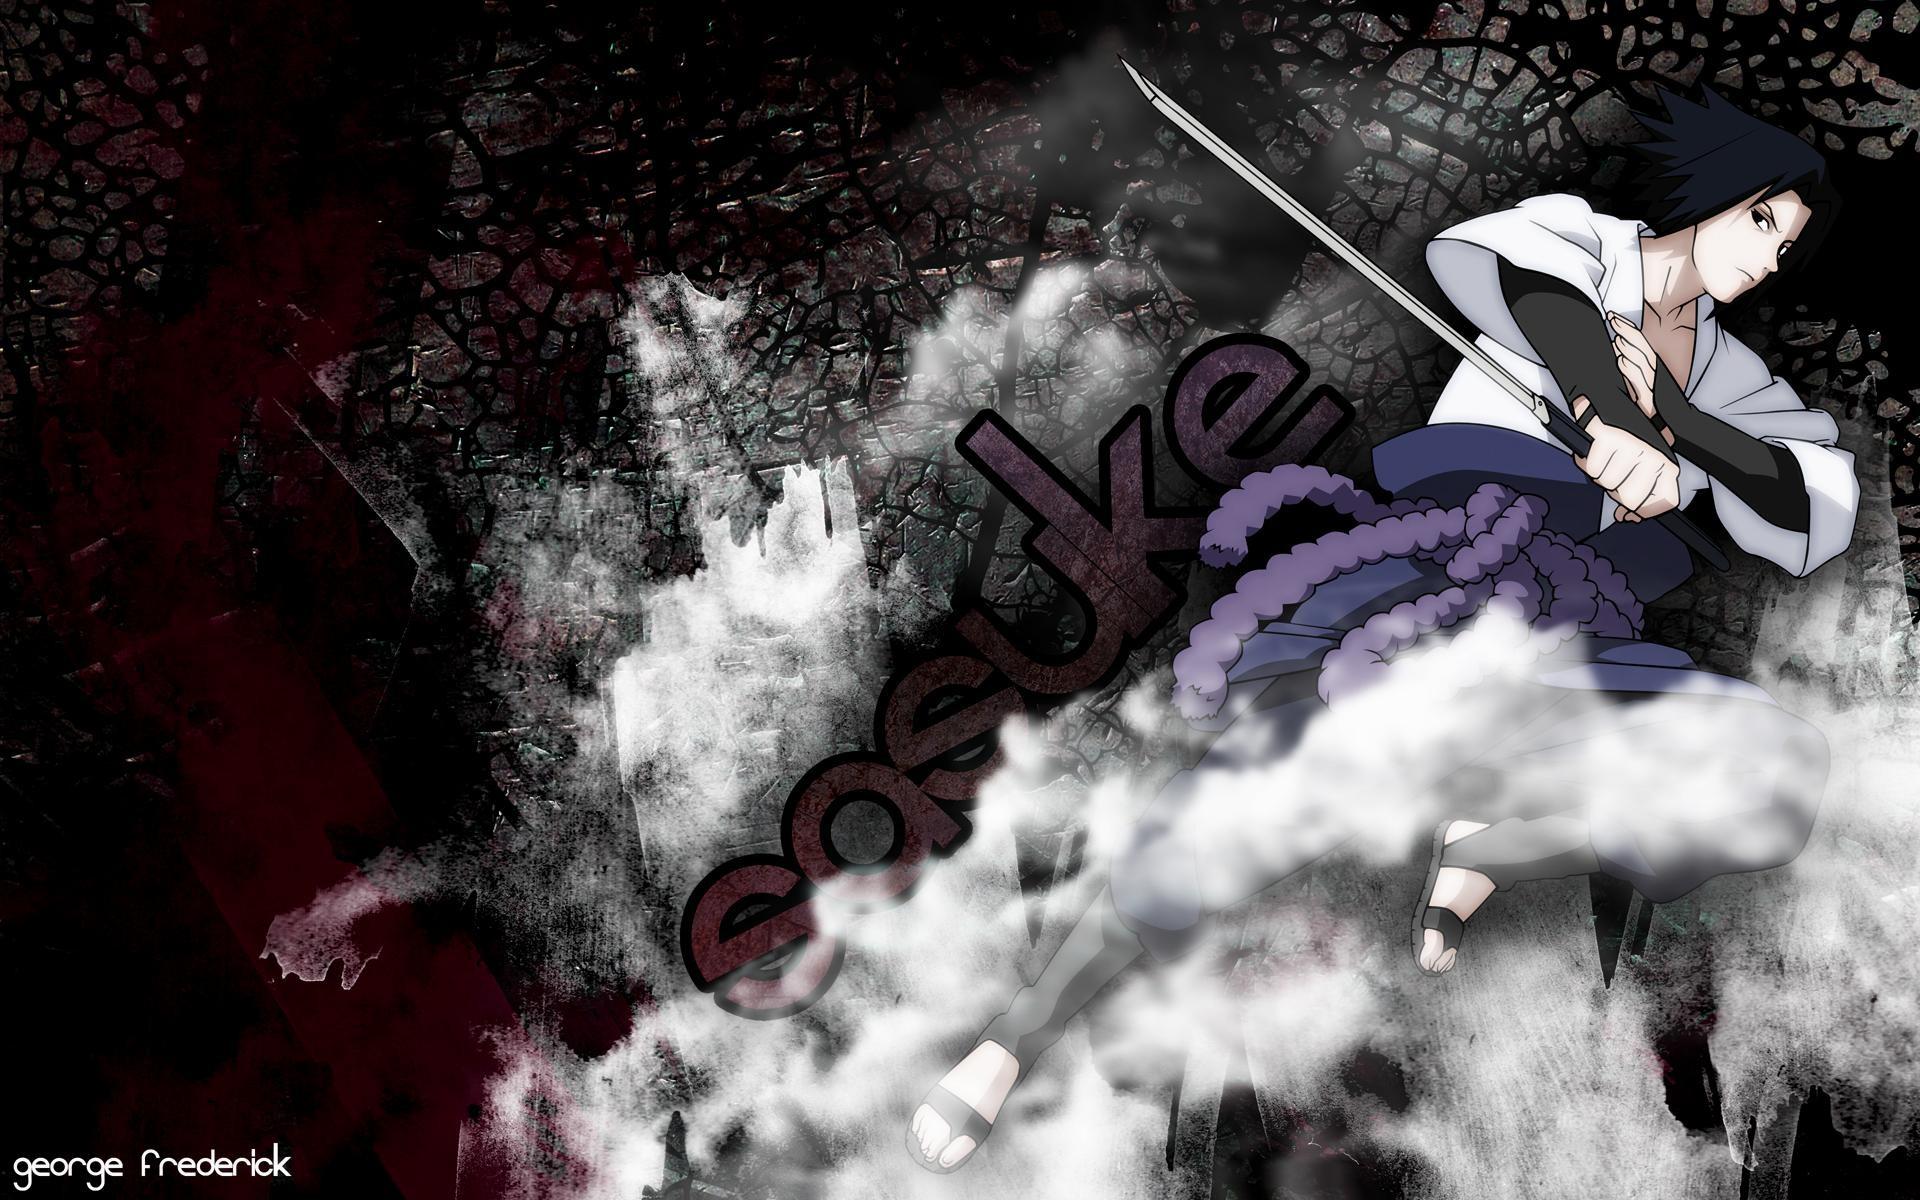 Naruto-Shipuden-Sasuke-Wallpapers-Widescreen